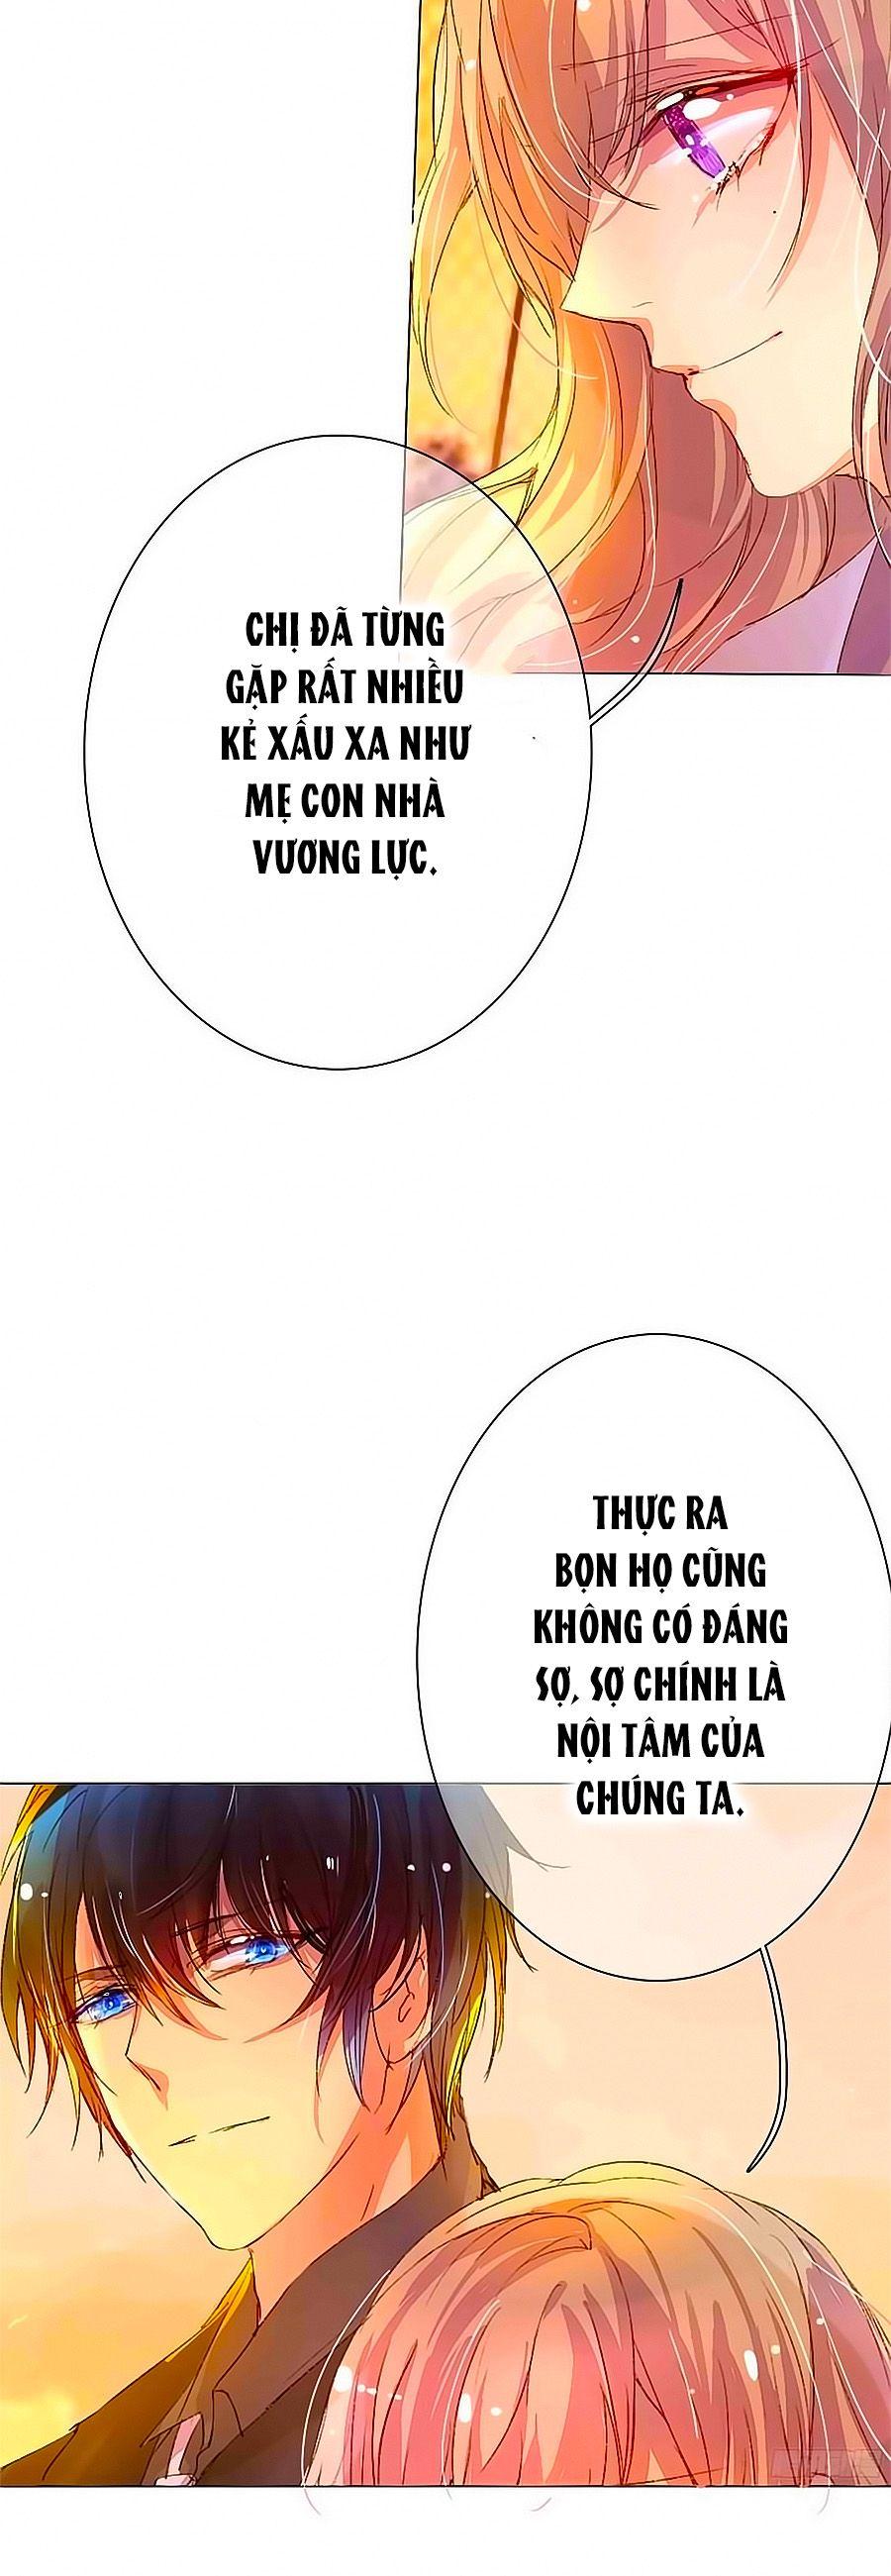 Hào Môn Tiểu Lãn Thê - Chap 33